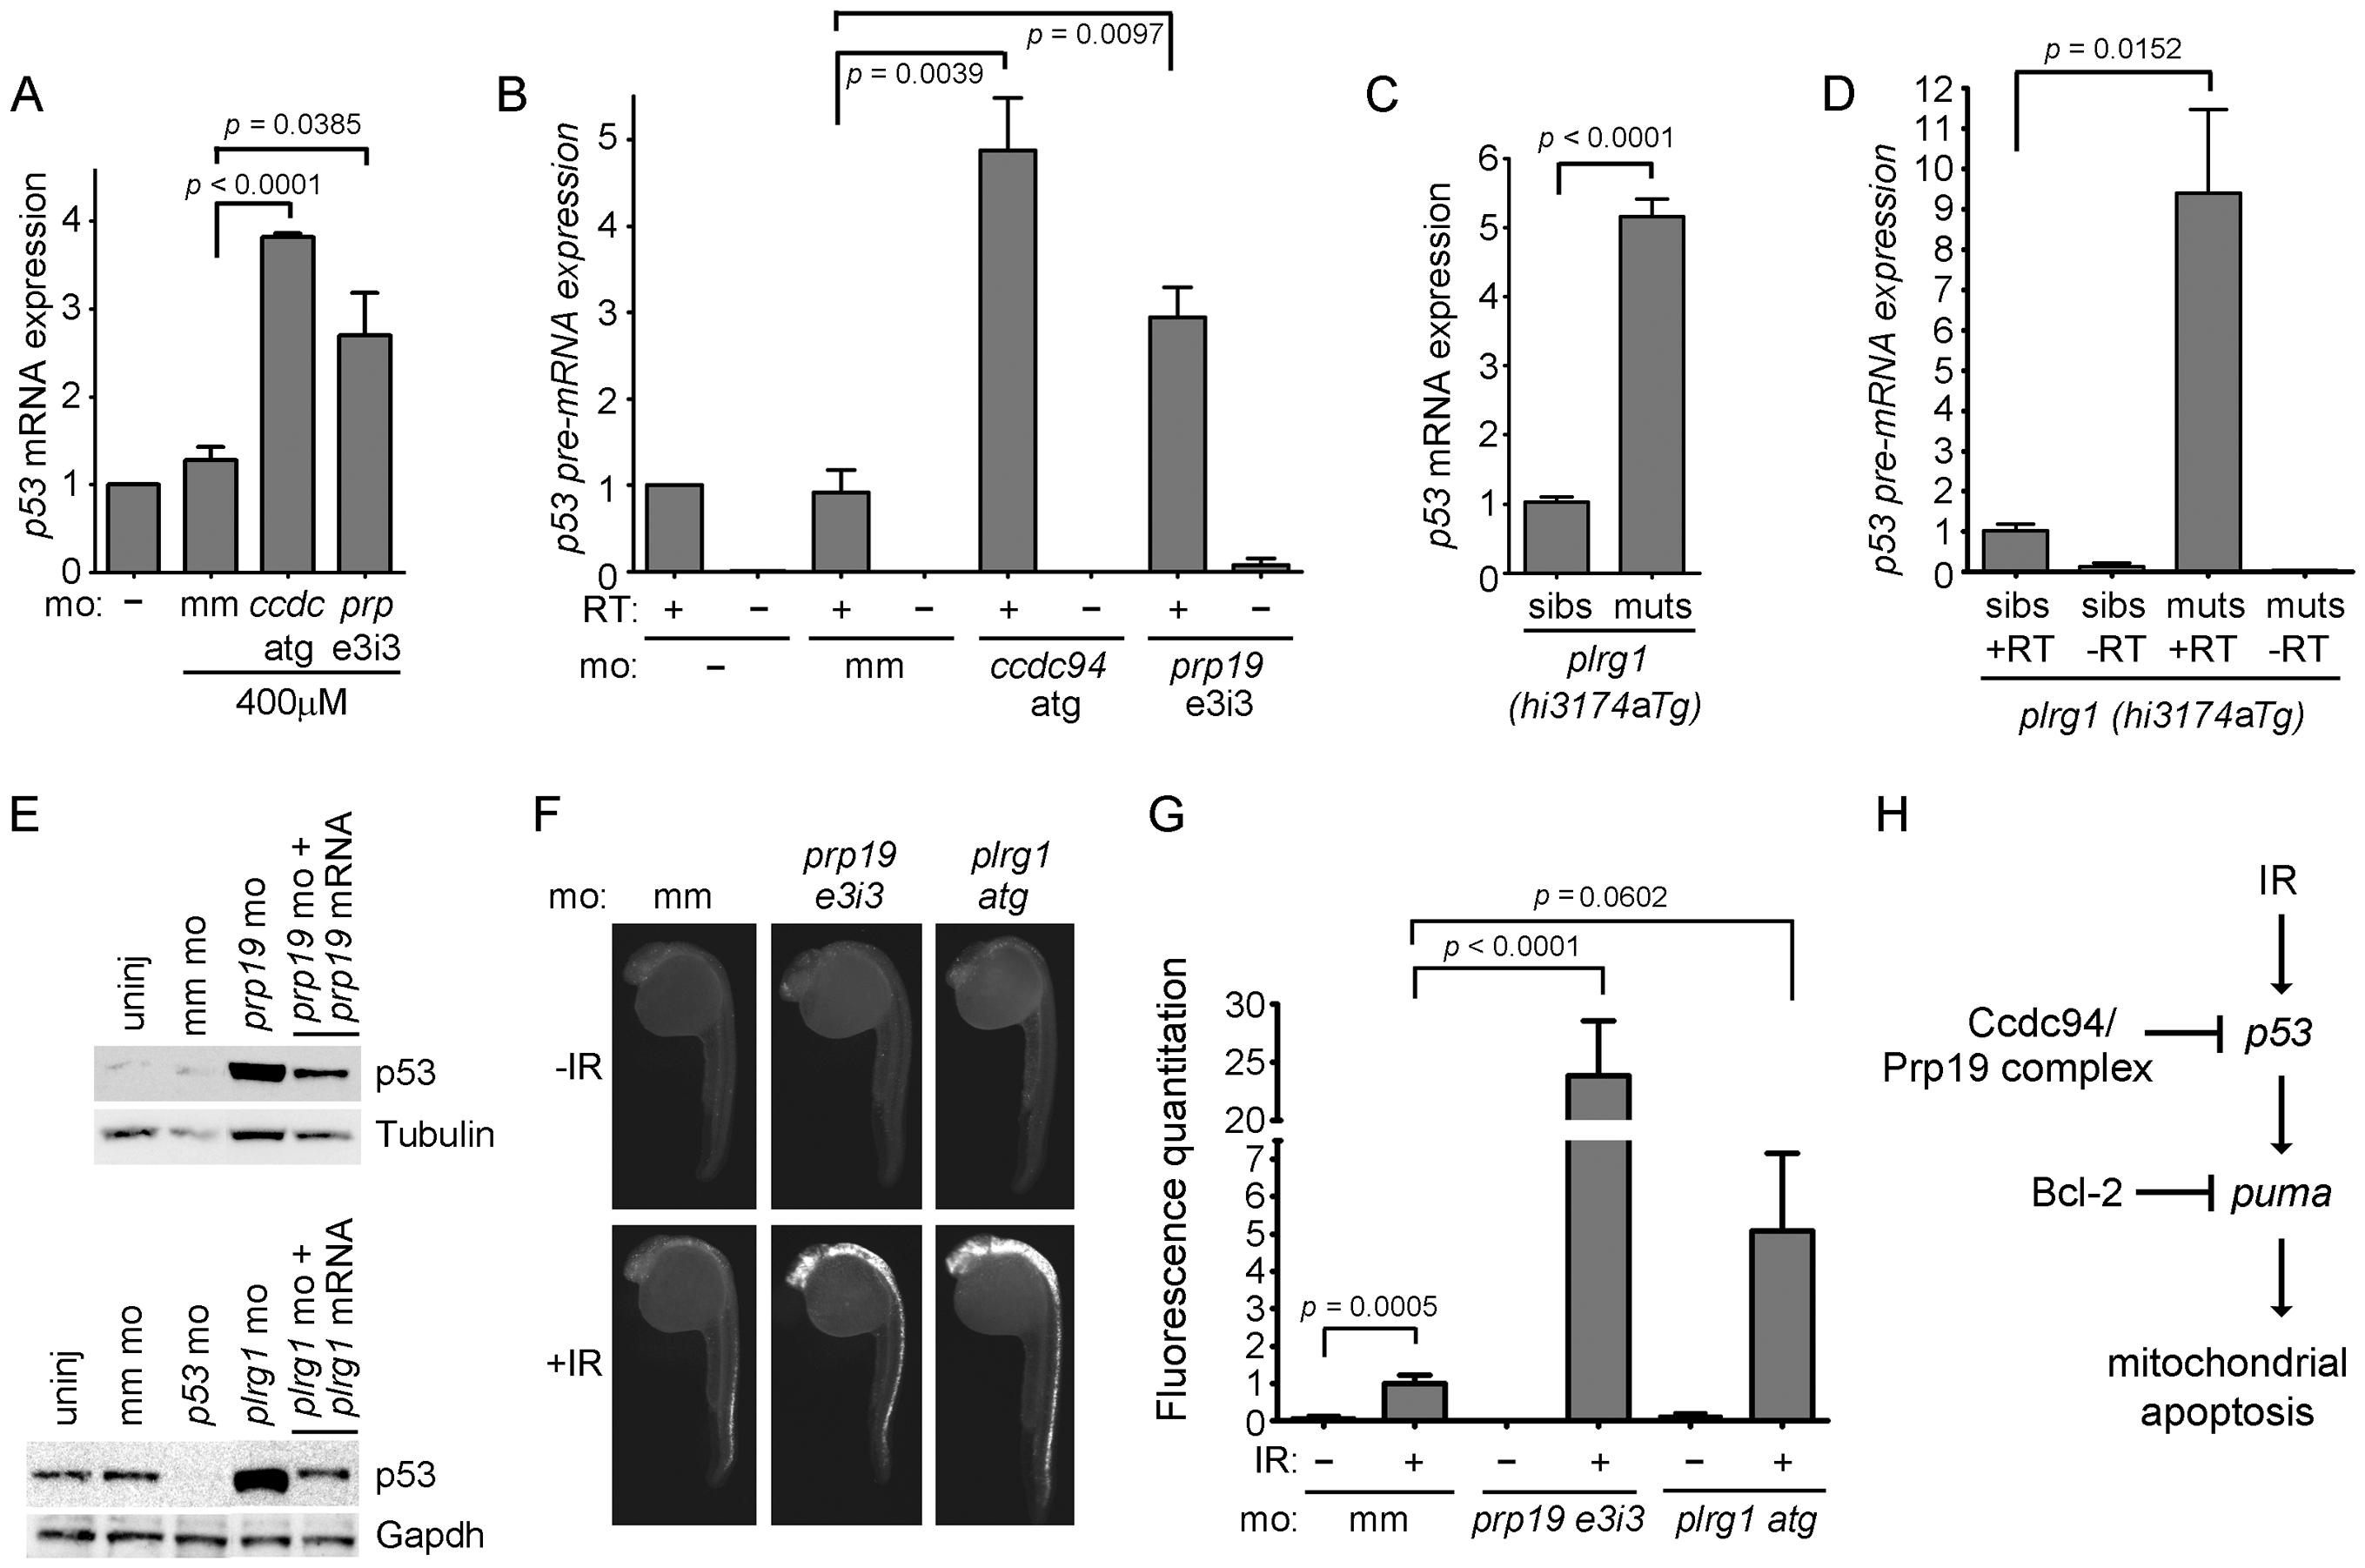 Loss of <i>prp19</i> or <i>plrg1</i> phenocopies, loss of <i>ccdc94</i>.